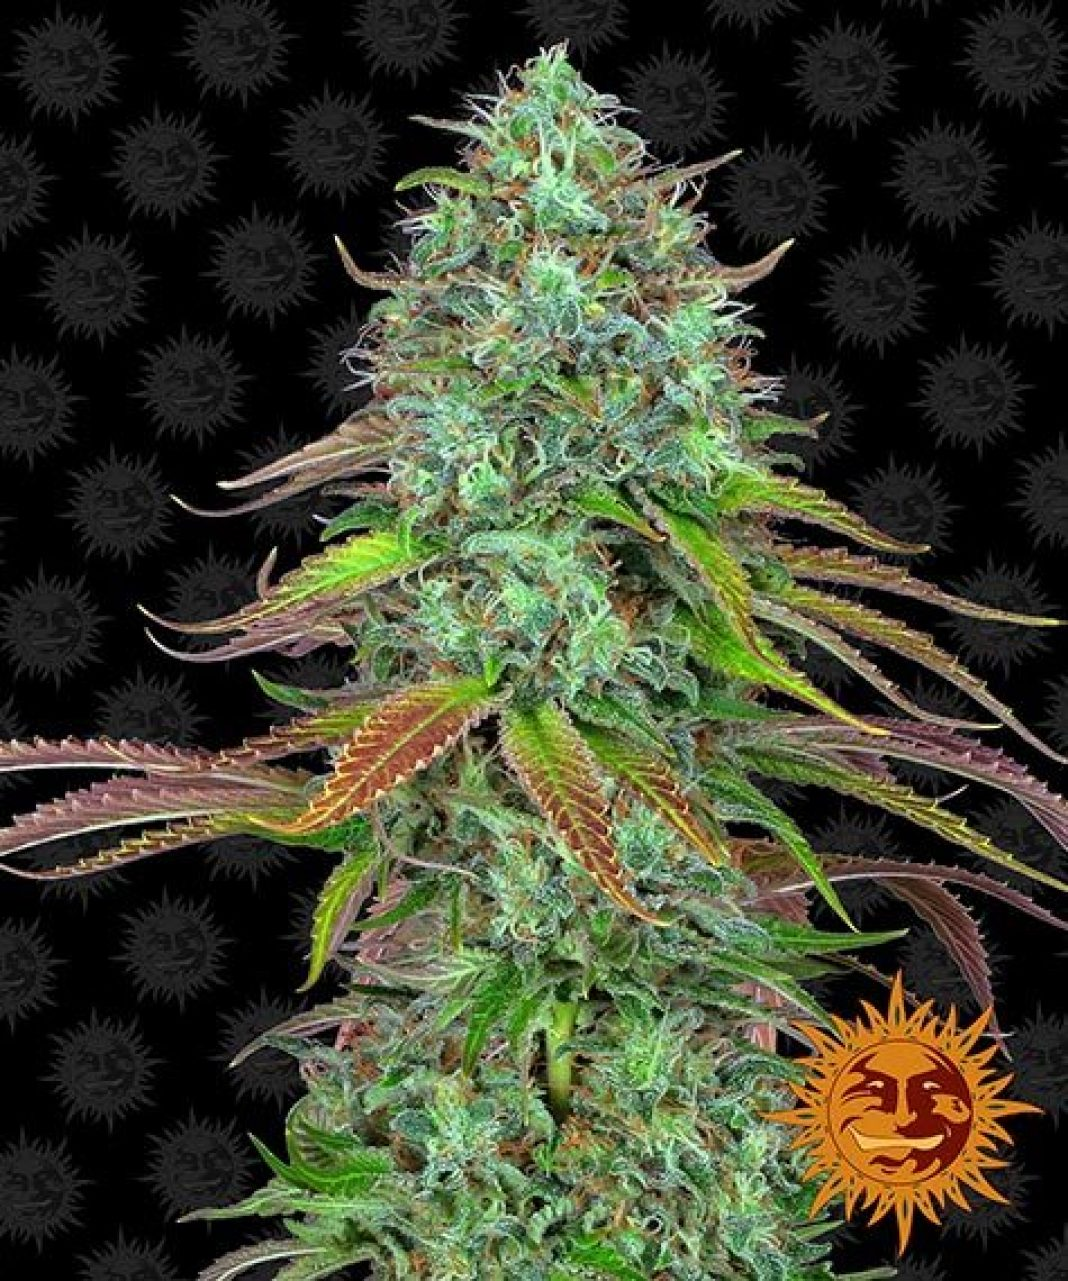 To naprawdę mocna odmiana marihuany, którą docenią weterani jarania. Rośliny LSD obradzają bardzo szybko w naprawdę obfite plony. Idealnie się to sprawdza w uprawach komercyjnych. Warto zatem bliżej się przyjrzeć legendarnej odmianie LSD.